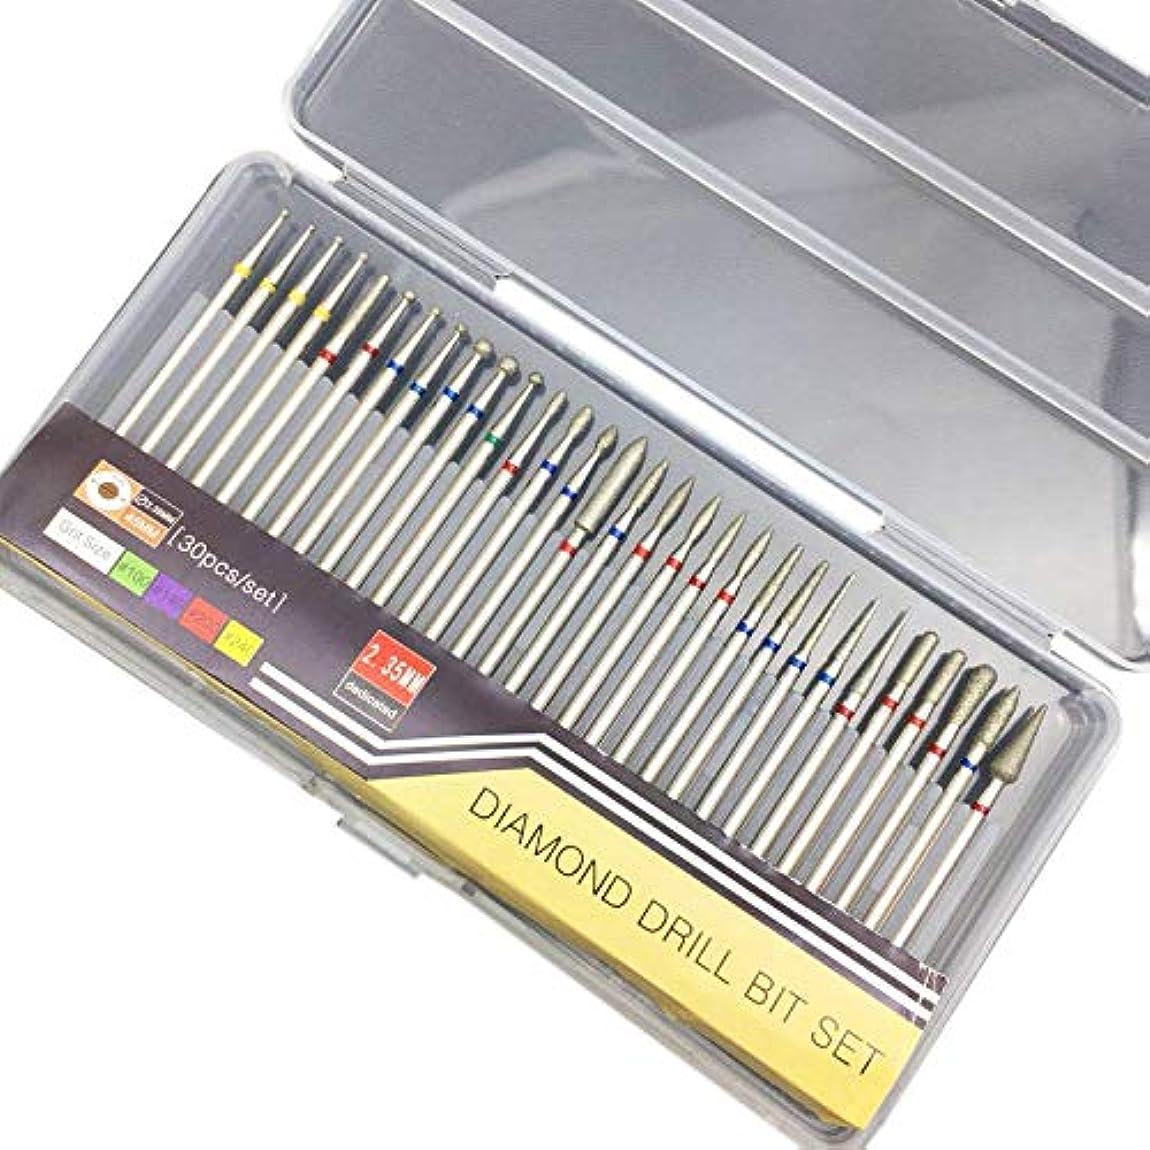 メーカーまあ肖像画ACAMPTAR 30個 電動マニキュア機用 アクセサリーセクションダイヤモンドネイルドリルビットセットフライスカッターロータリーバリカッタークリーンファイルA